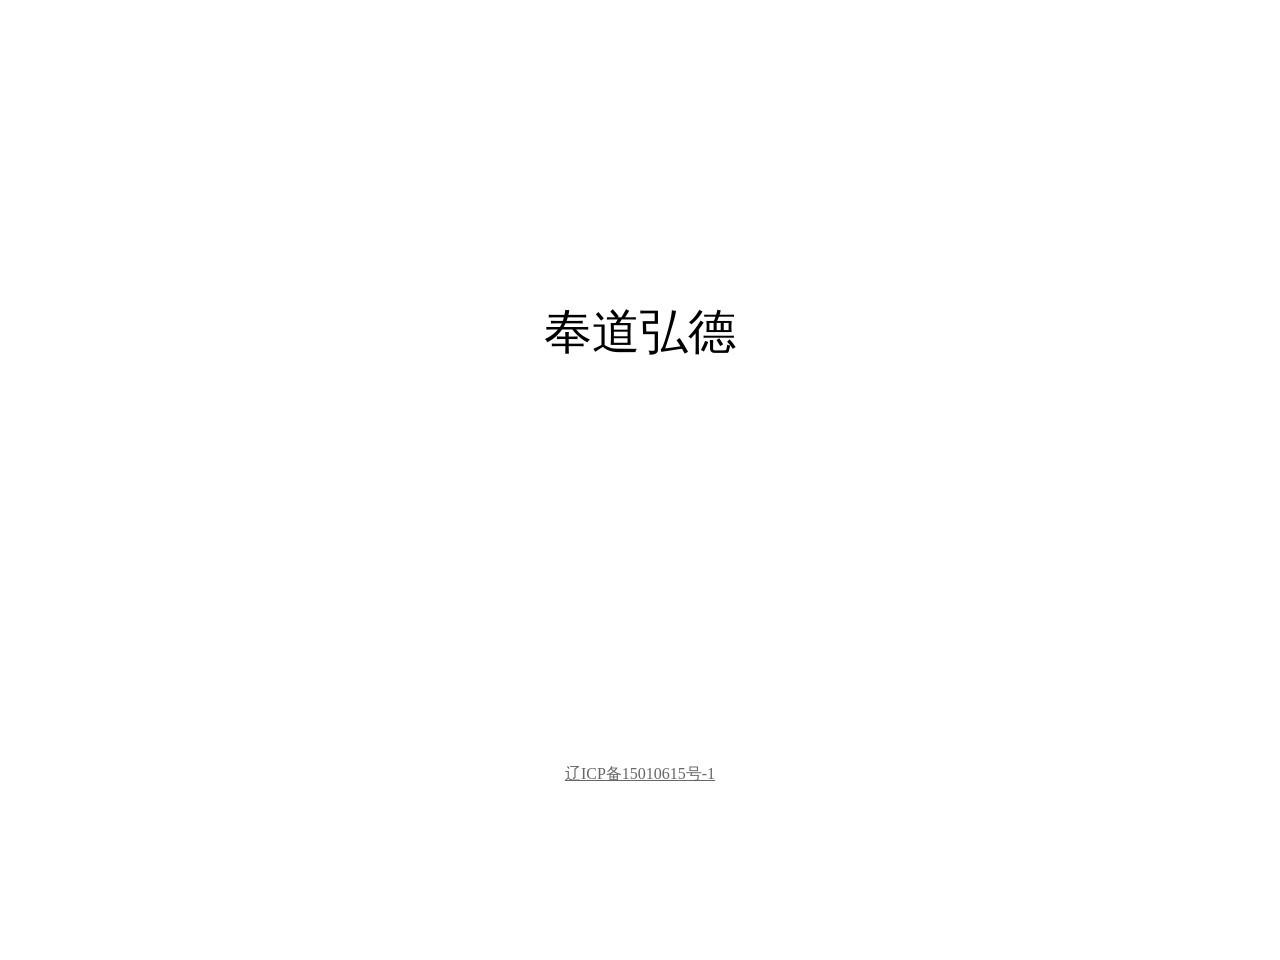 锂电世界(原中国电池网)